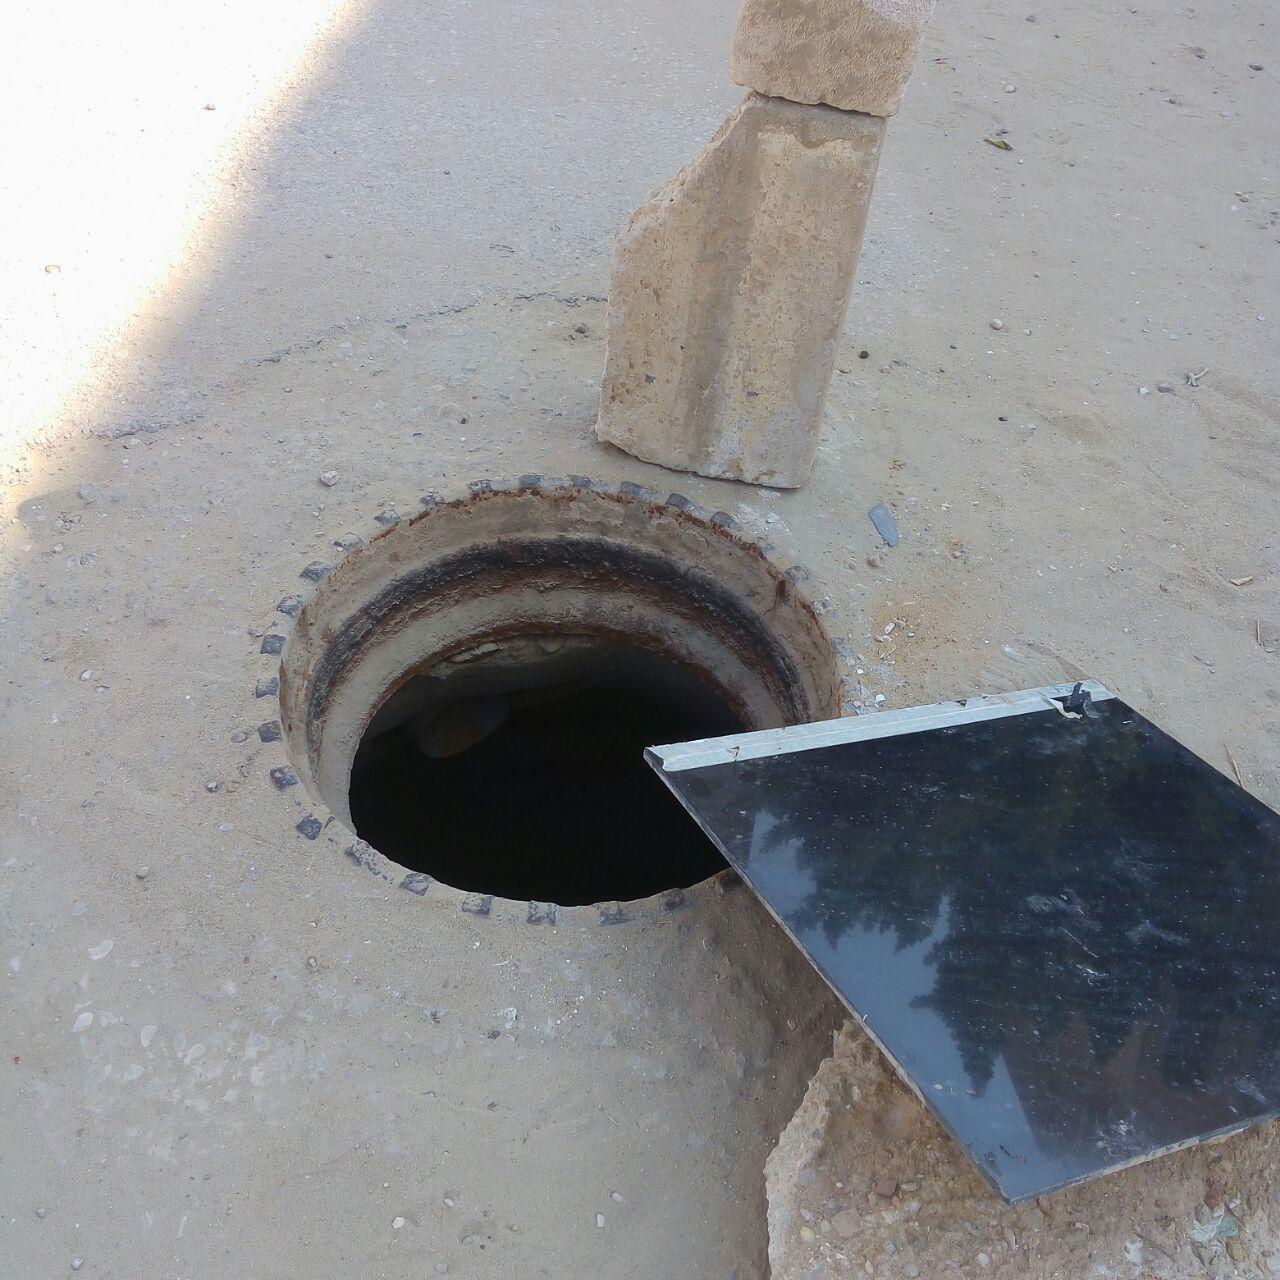 سكان في «الشروق» يشكون سرقة أغطية بالوعات الصرف الصحي (صور)